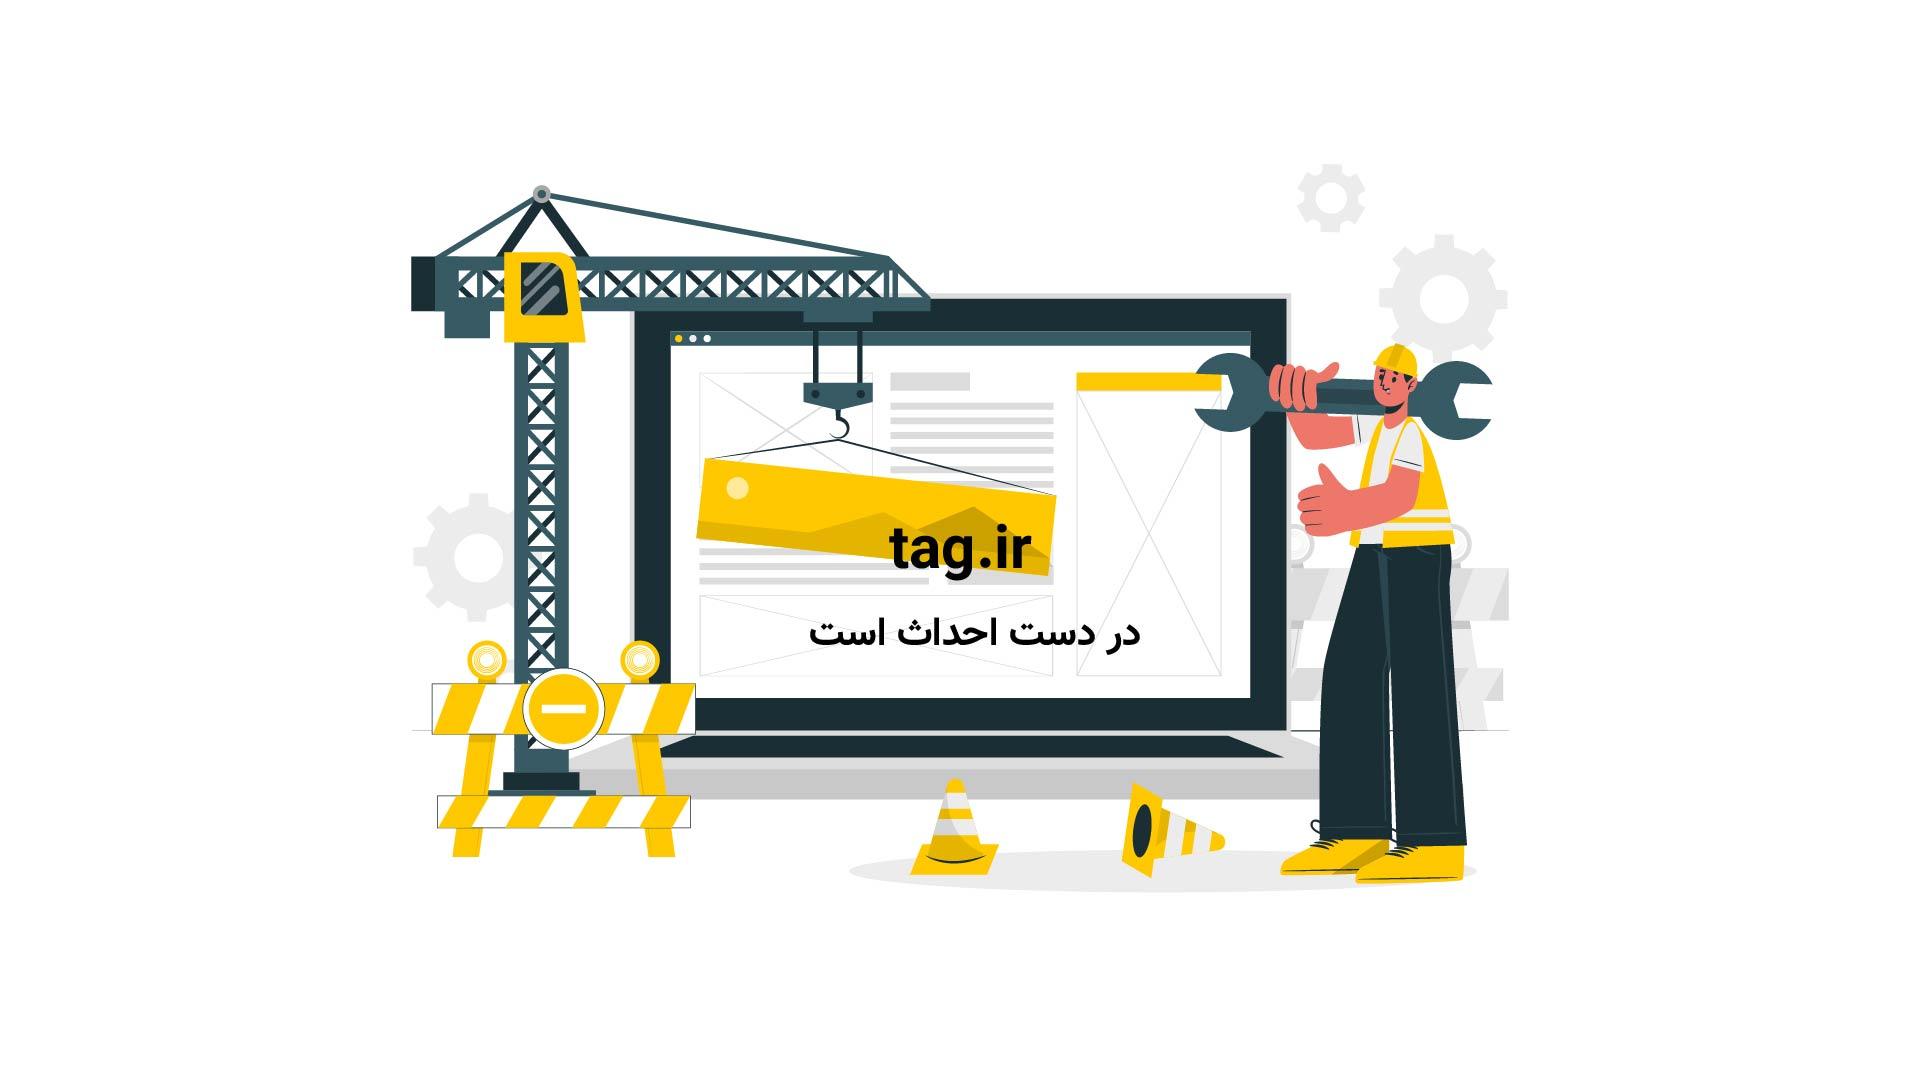 دیالوگ برتر فیلم هزار دستان | تگ